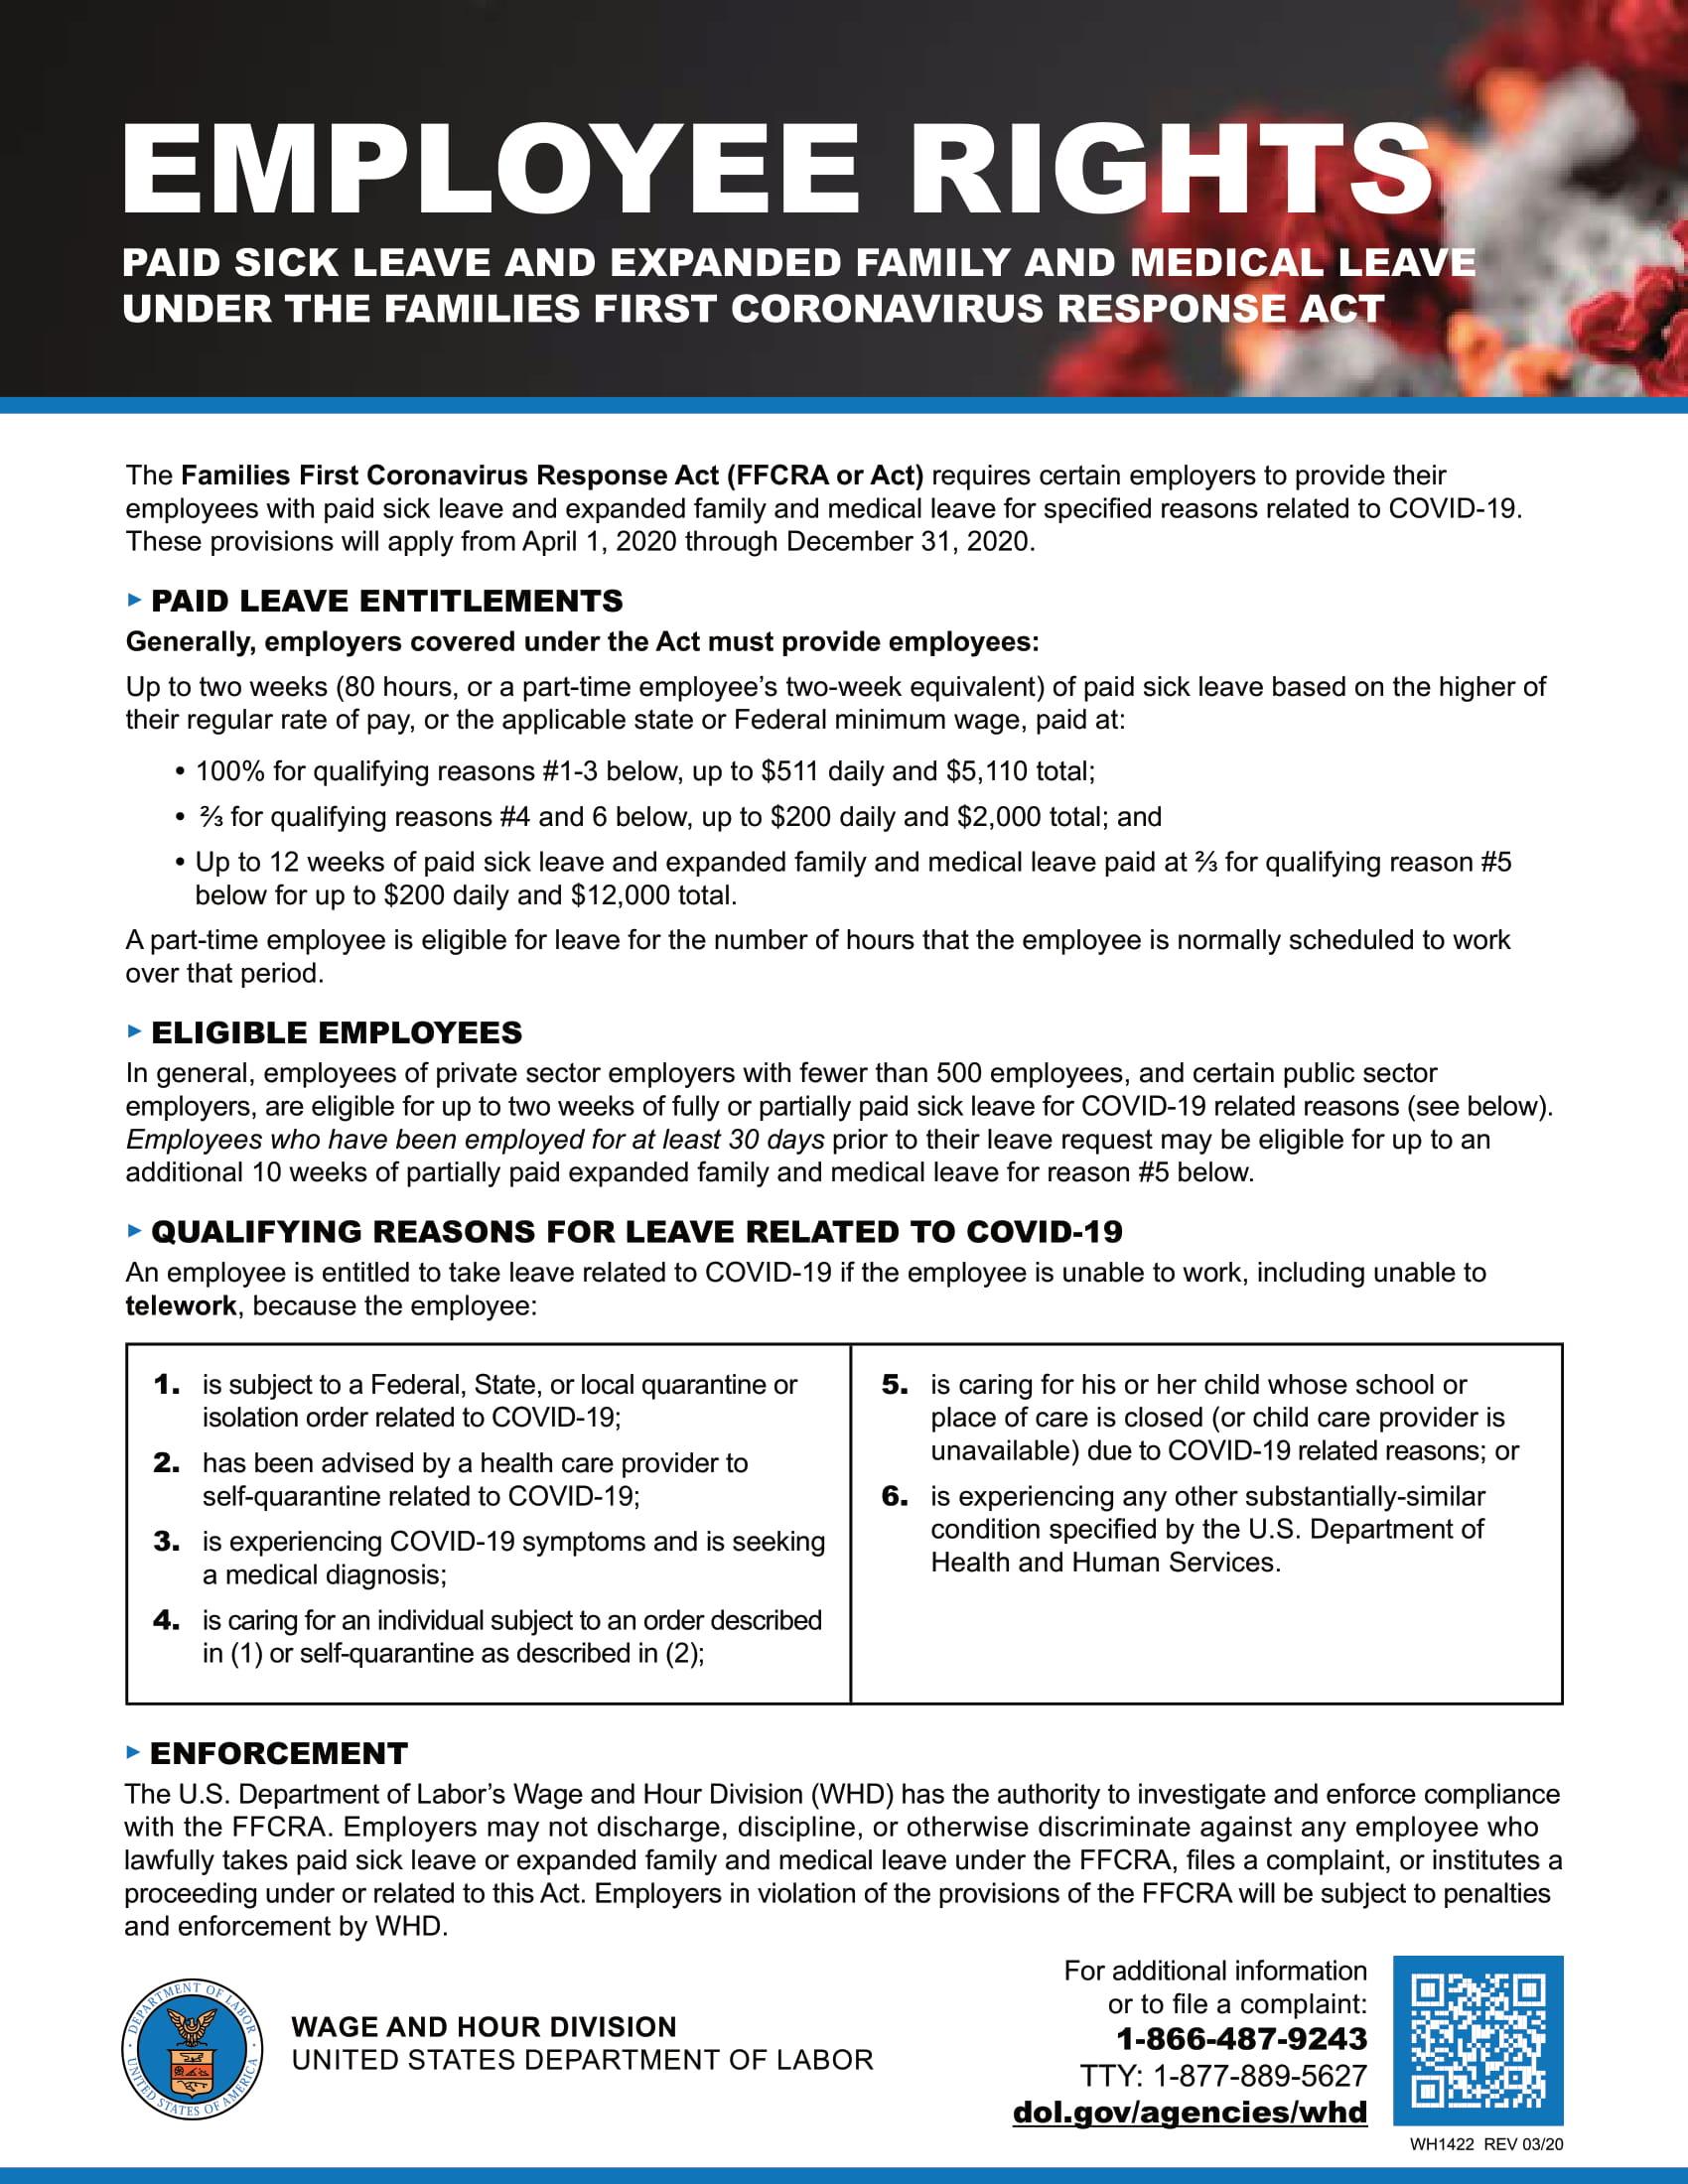 FFCRA Supplemental Guidance Page 5